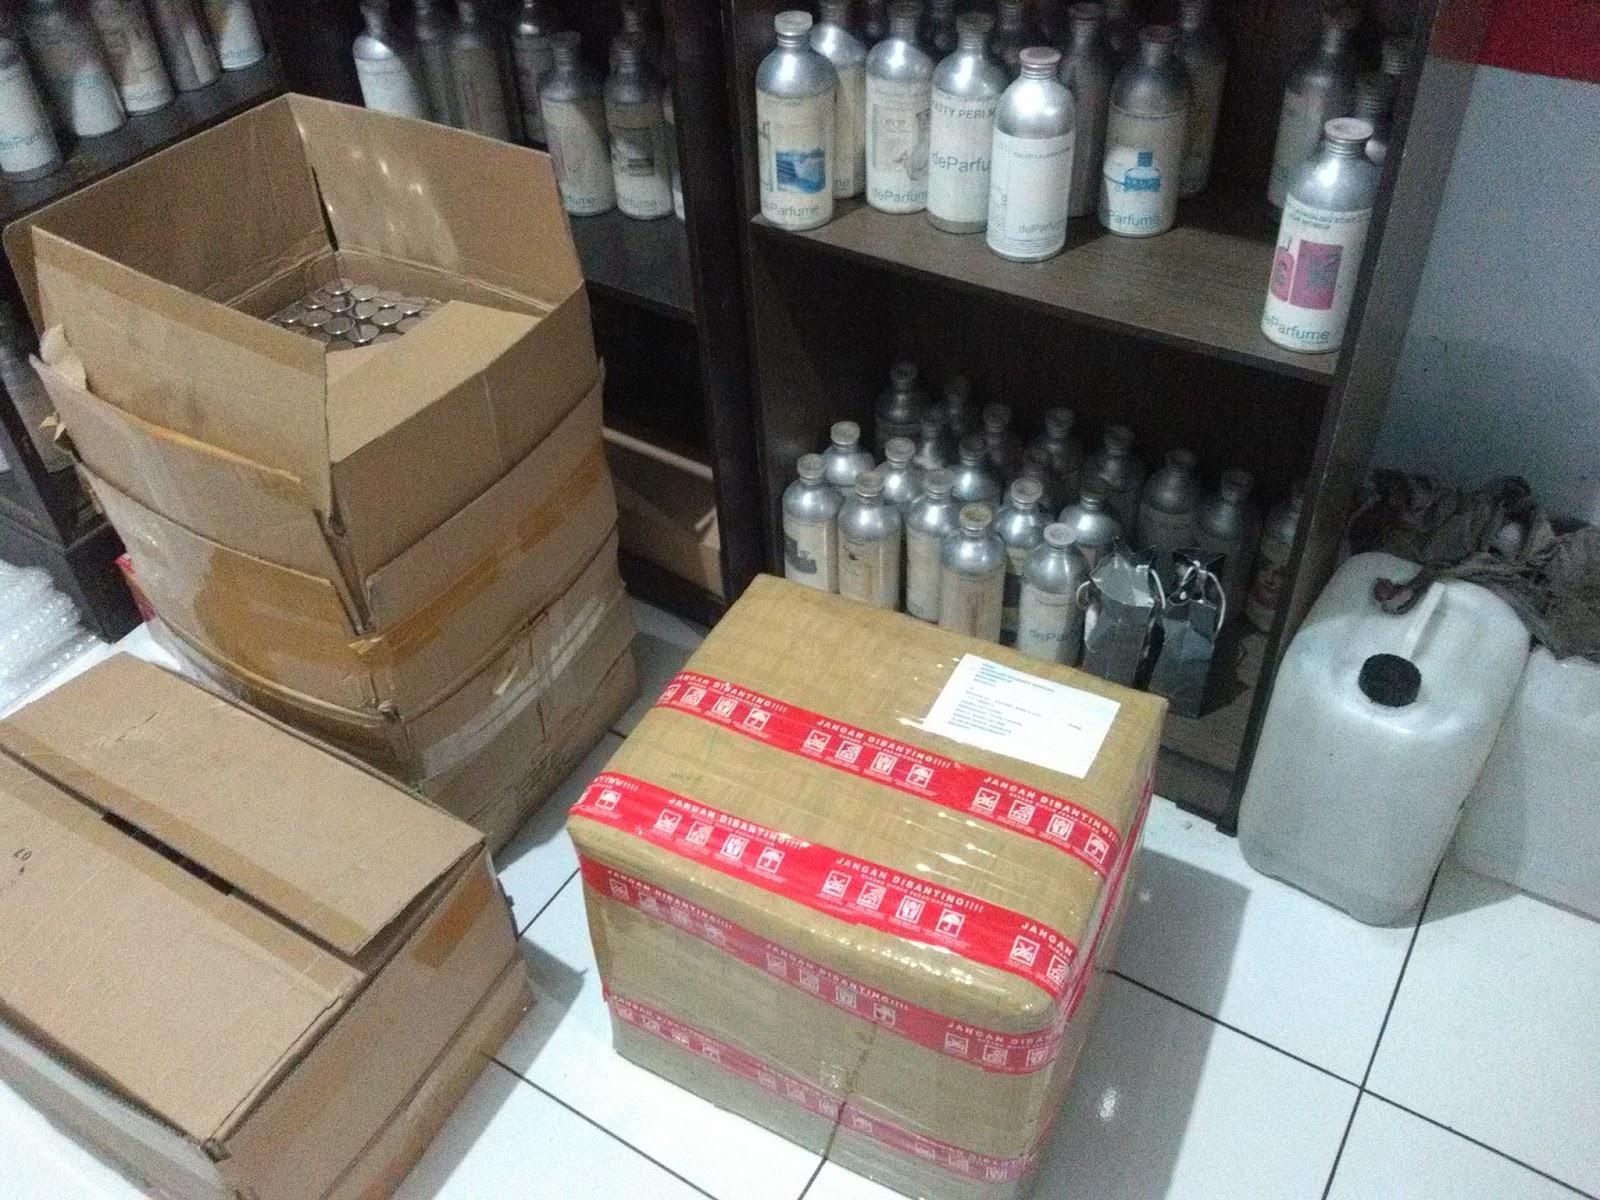 Deparfume Fragrance Bandung